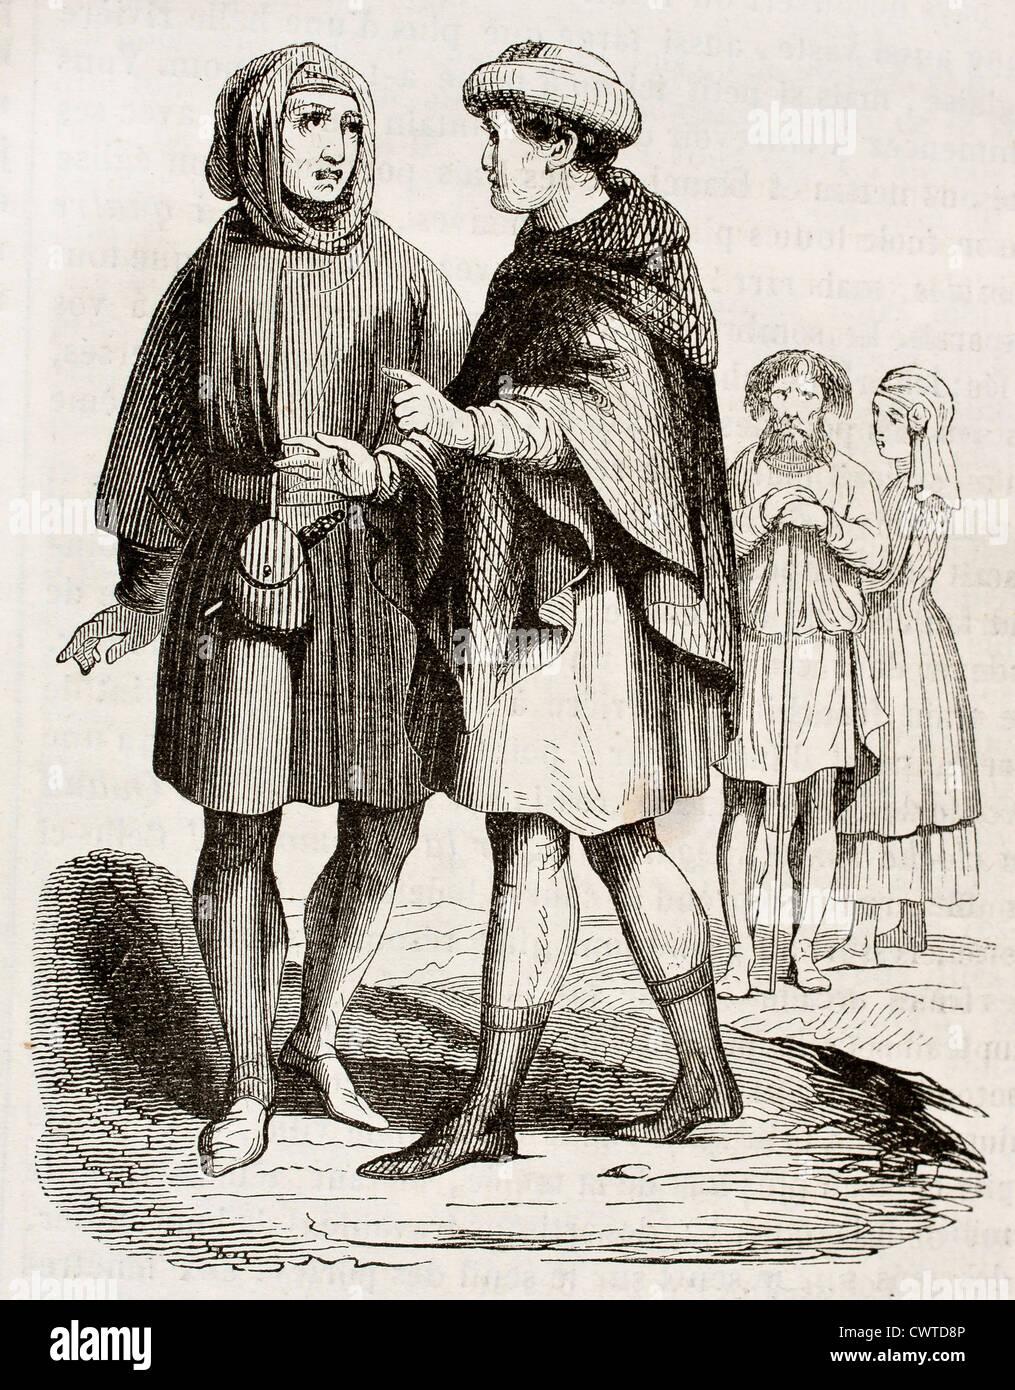 Mittelalterliche Bourgeois und Handwerker Stockbild